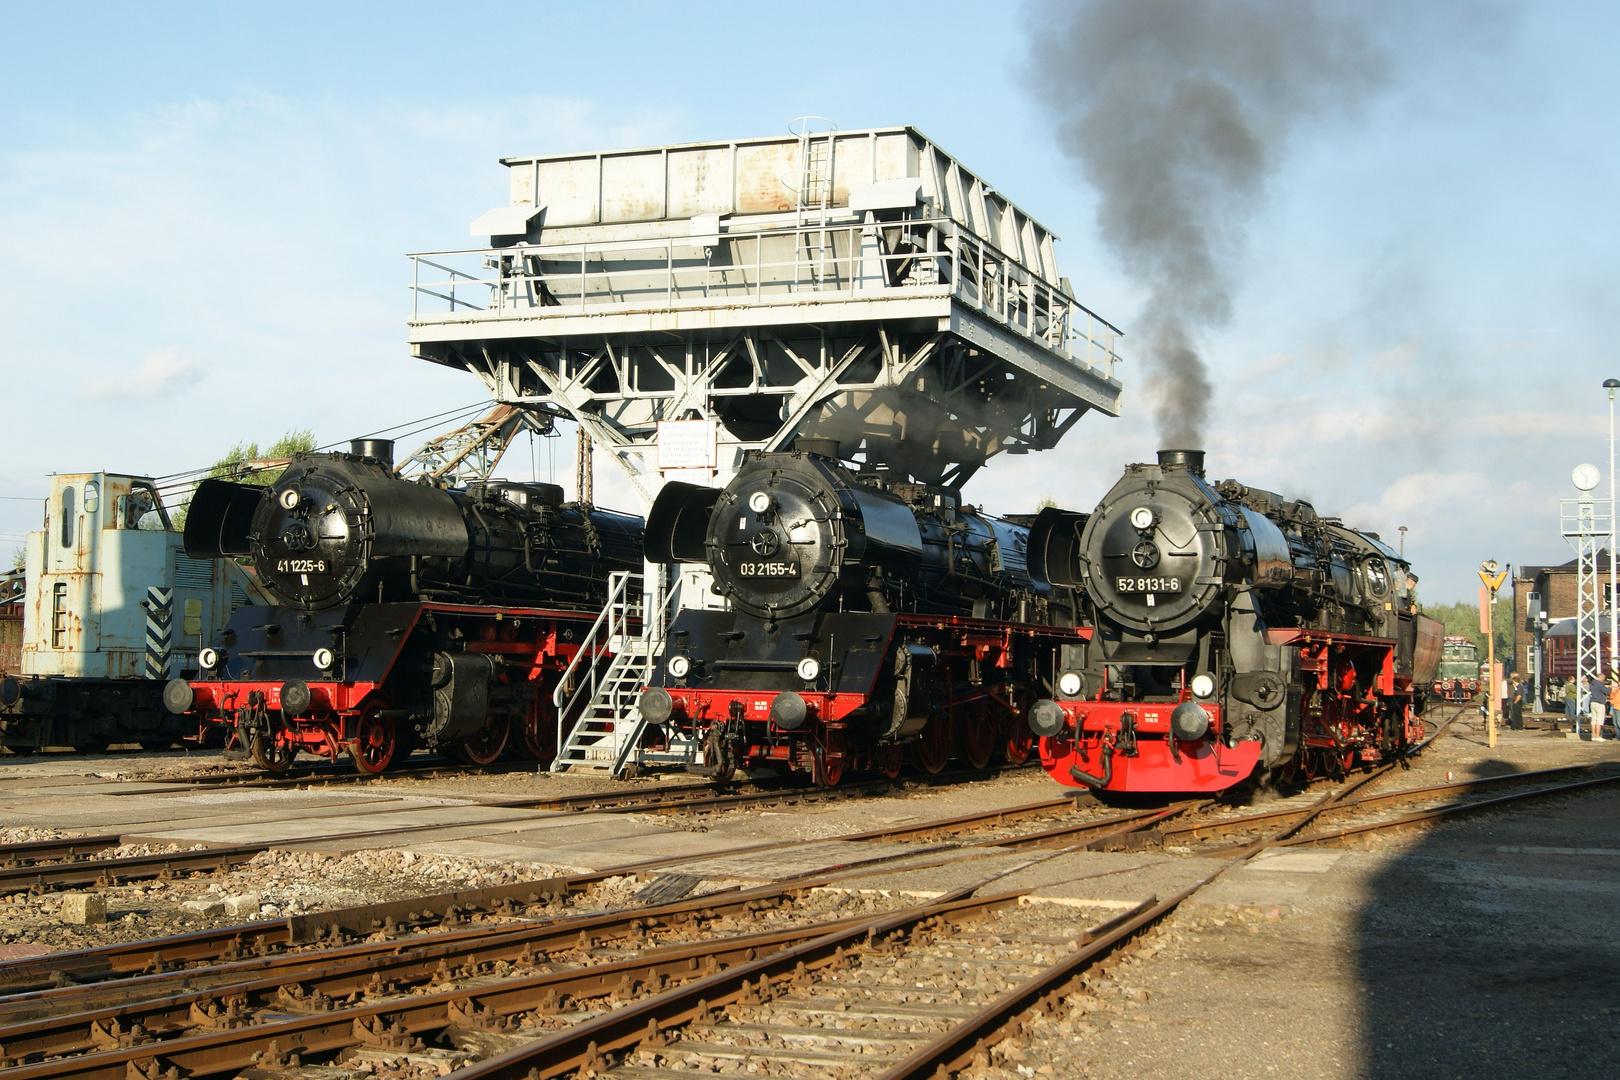 41 1225, 03 2155 und 52 8131 unterm Kohlehochbunker des BW Chemnitz